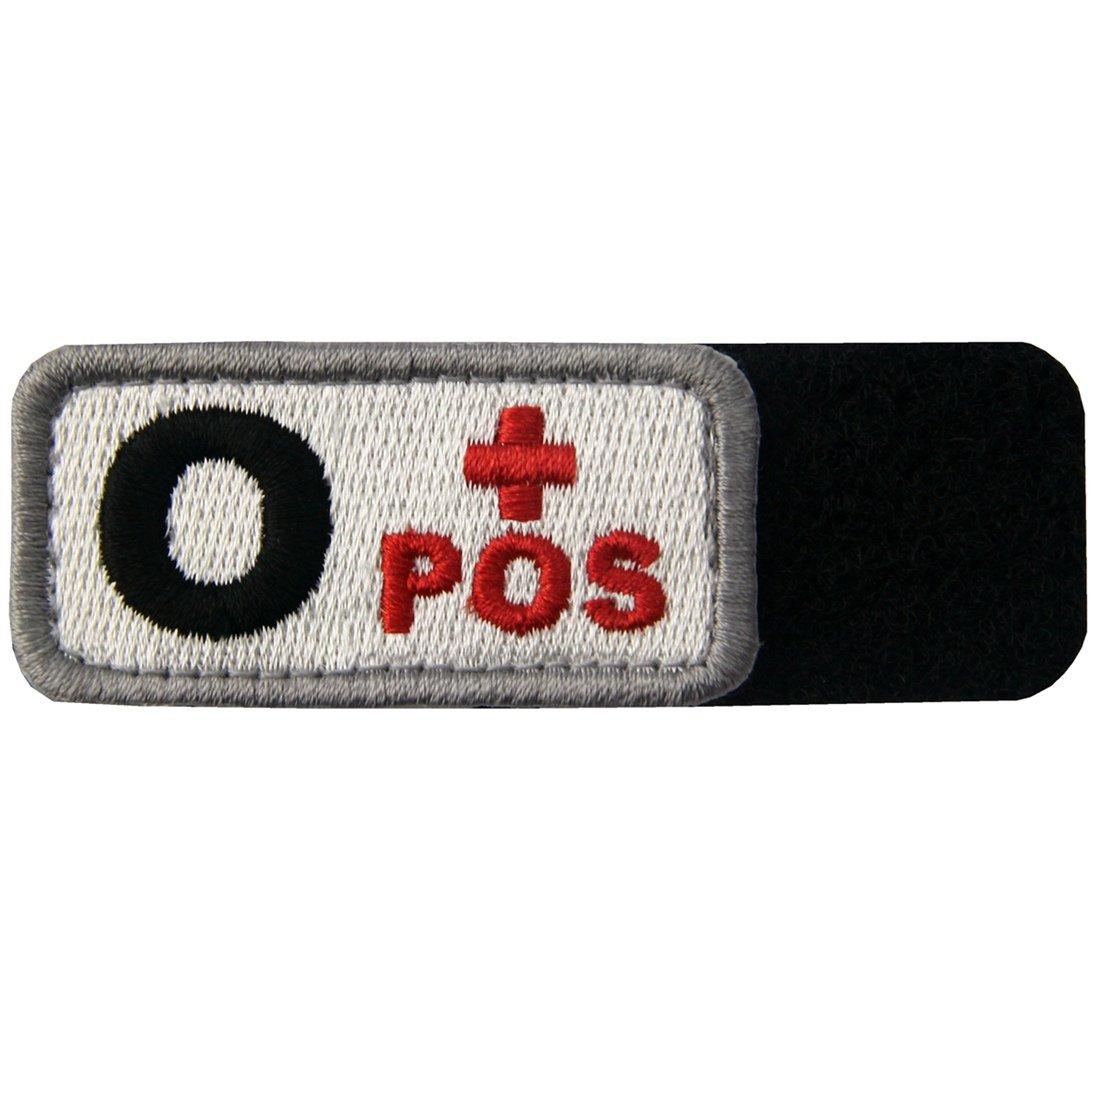 T/áctico Tipo O positivo Tipo de sangre emblema Broche Bordado de Gancho y Parche de Gancho y bucle de cierre Negro rojo